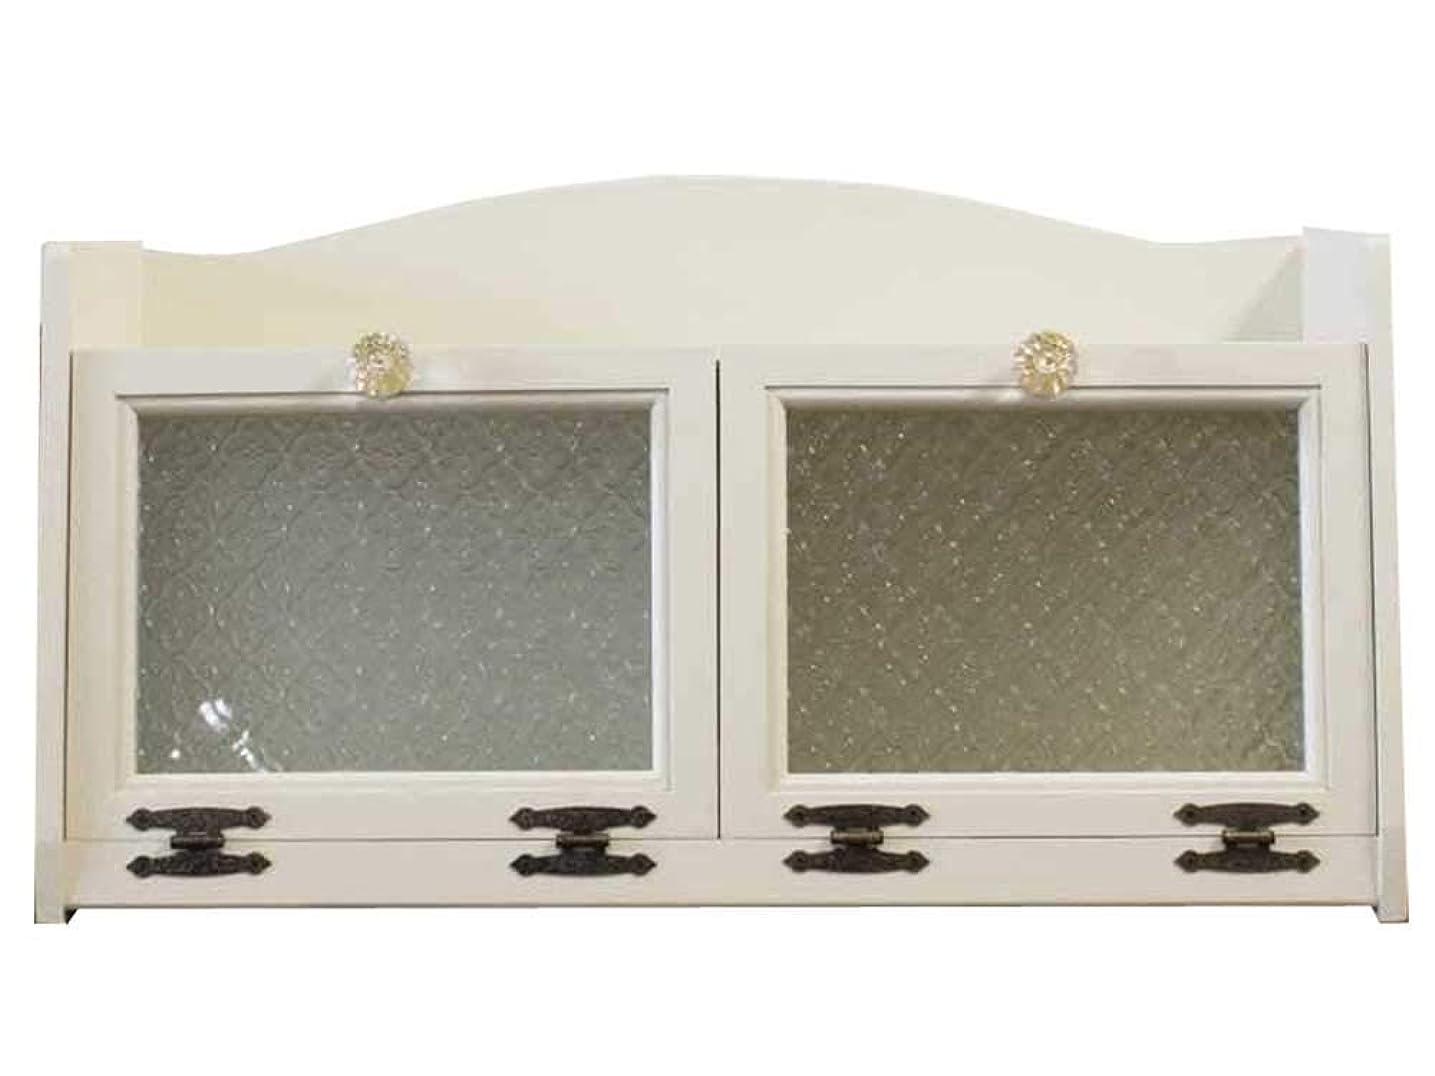 標高カロリーチューリップパンケース 側板フローラガラス入り w60d25h32cm アンティークホワイト パンプキンノブ 真鍮 ダブルブレッドケース 木製 ひのき 受注製作